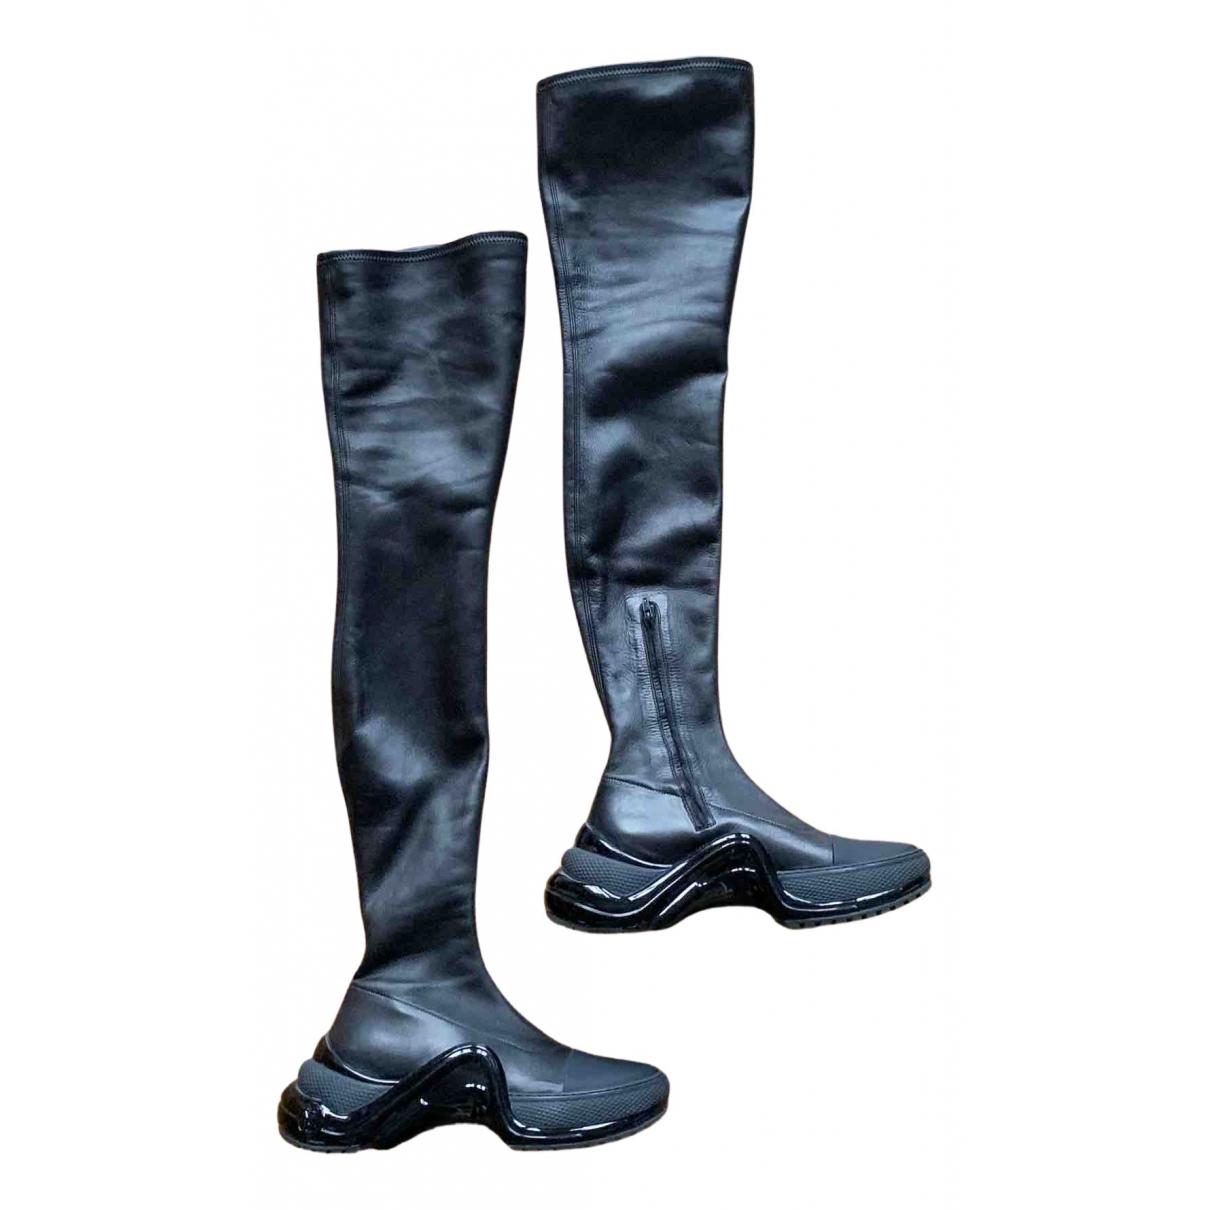 Louis Vuitton Archlight Stiefel in  Schwarz Leder